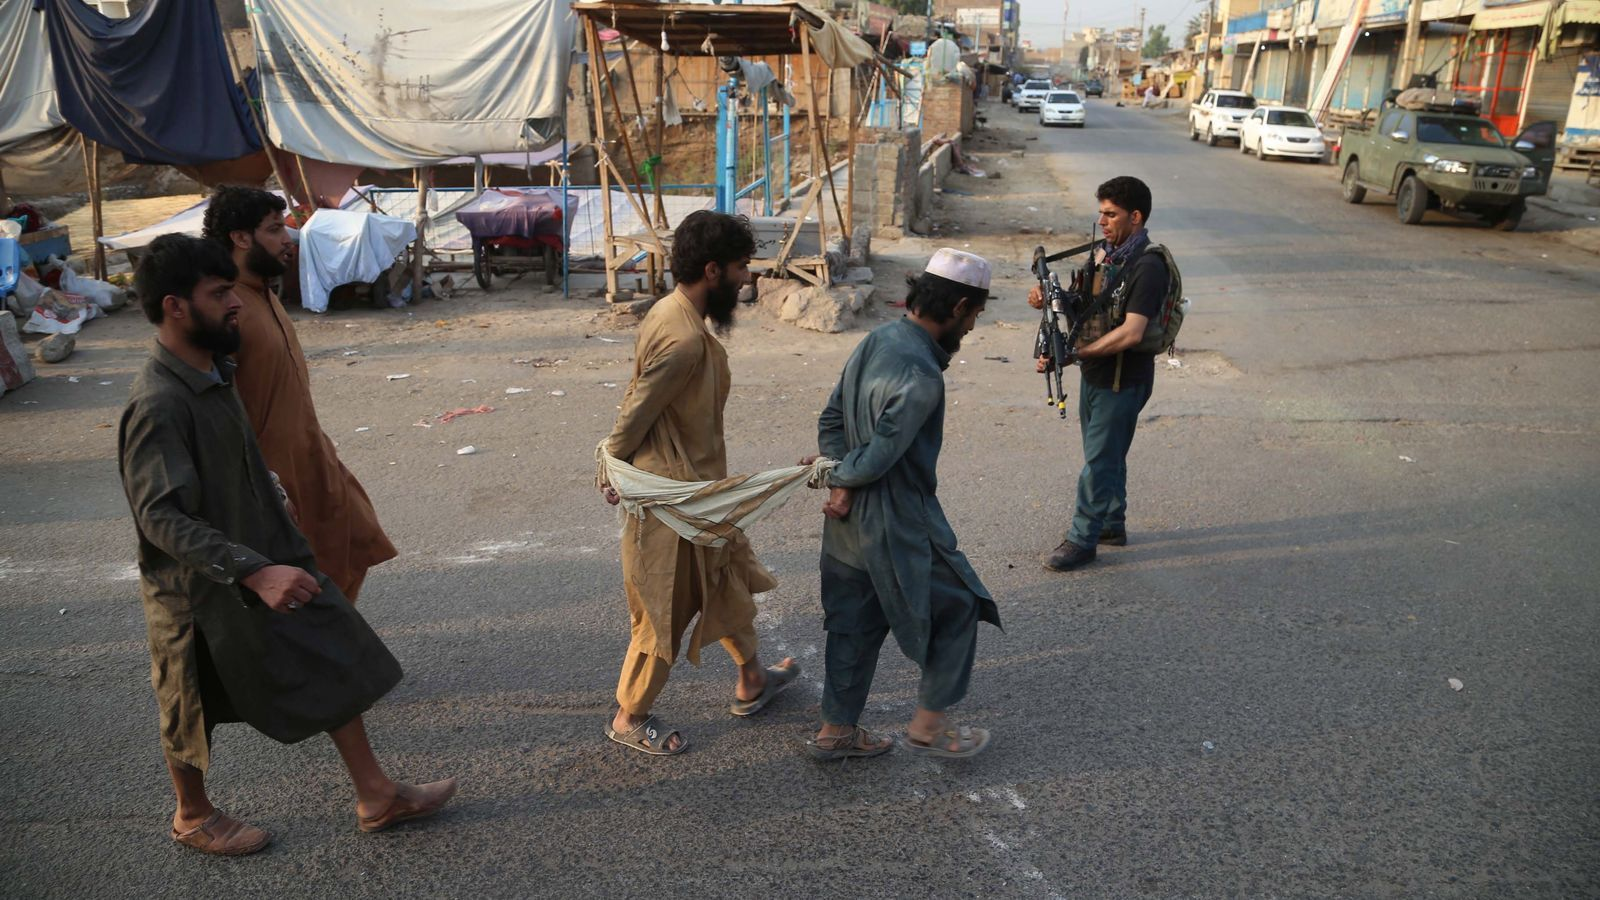 Alguns dels reclusos que han fugit i que han tornat a ser enxampats per les forces de seguretat